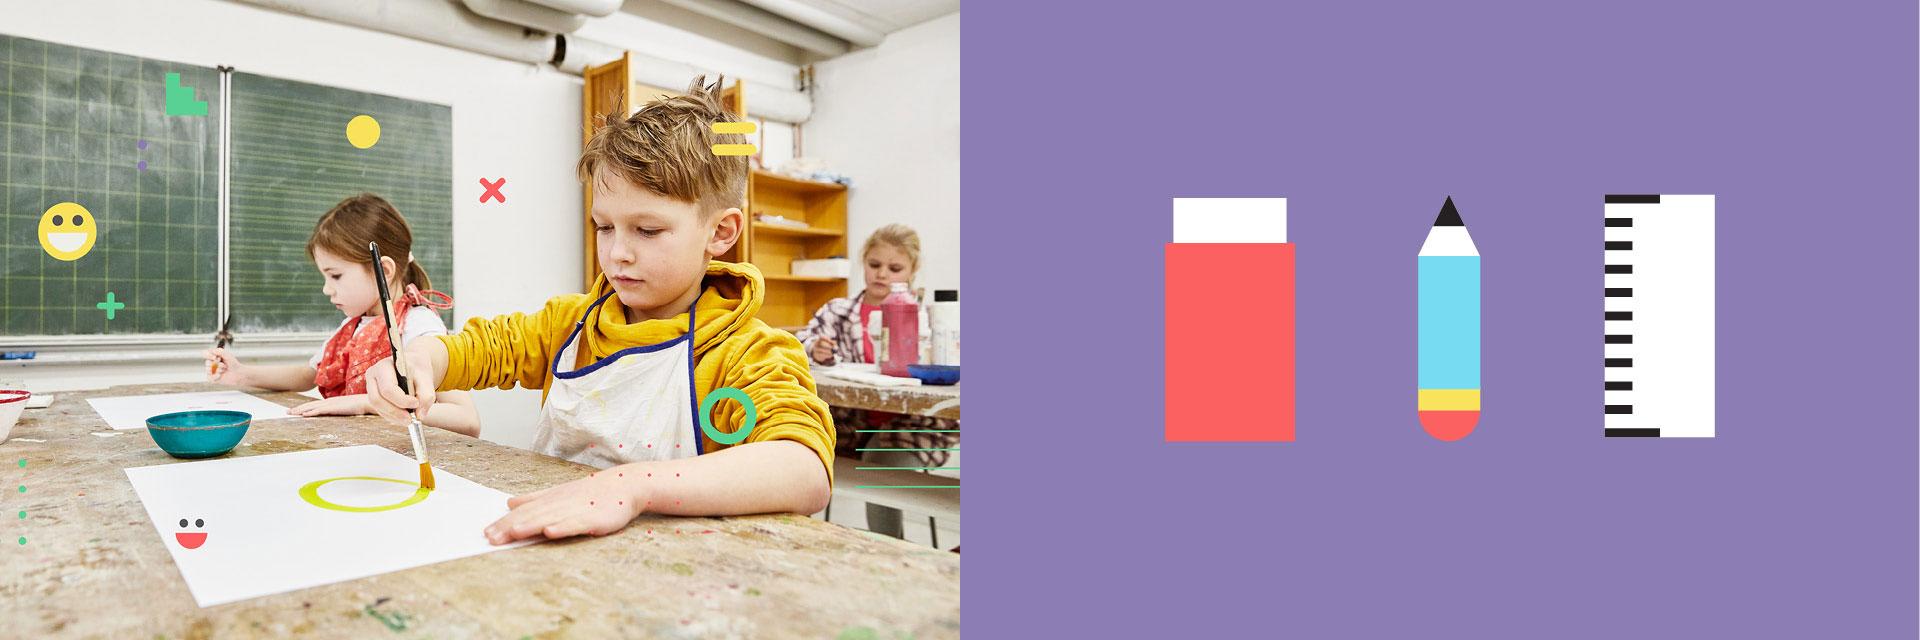 Grundschule Wöhrendamm Icons und Schüler